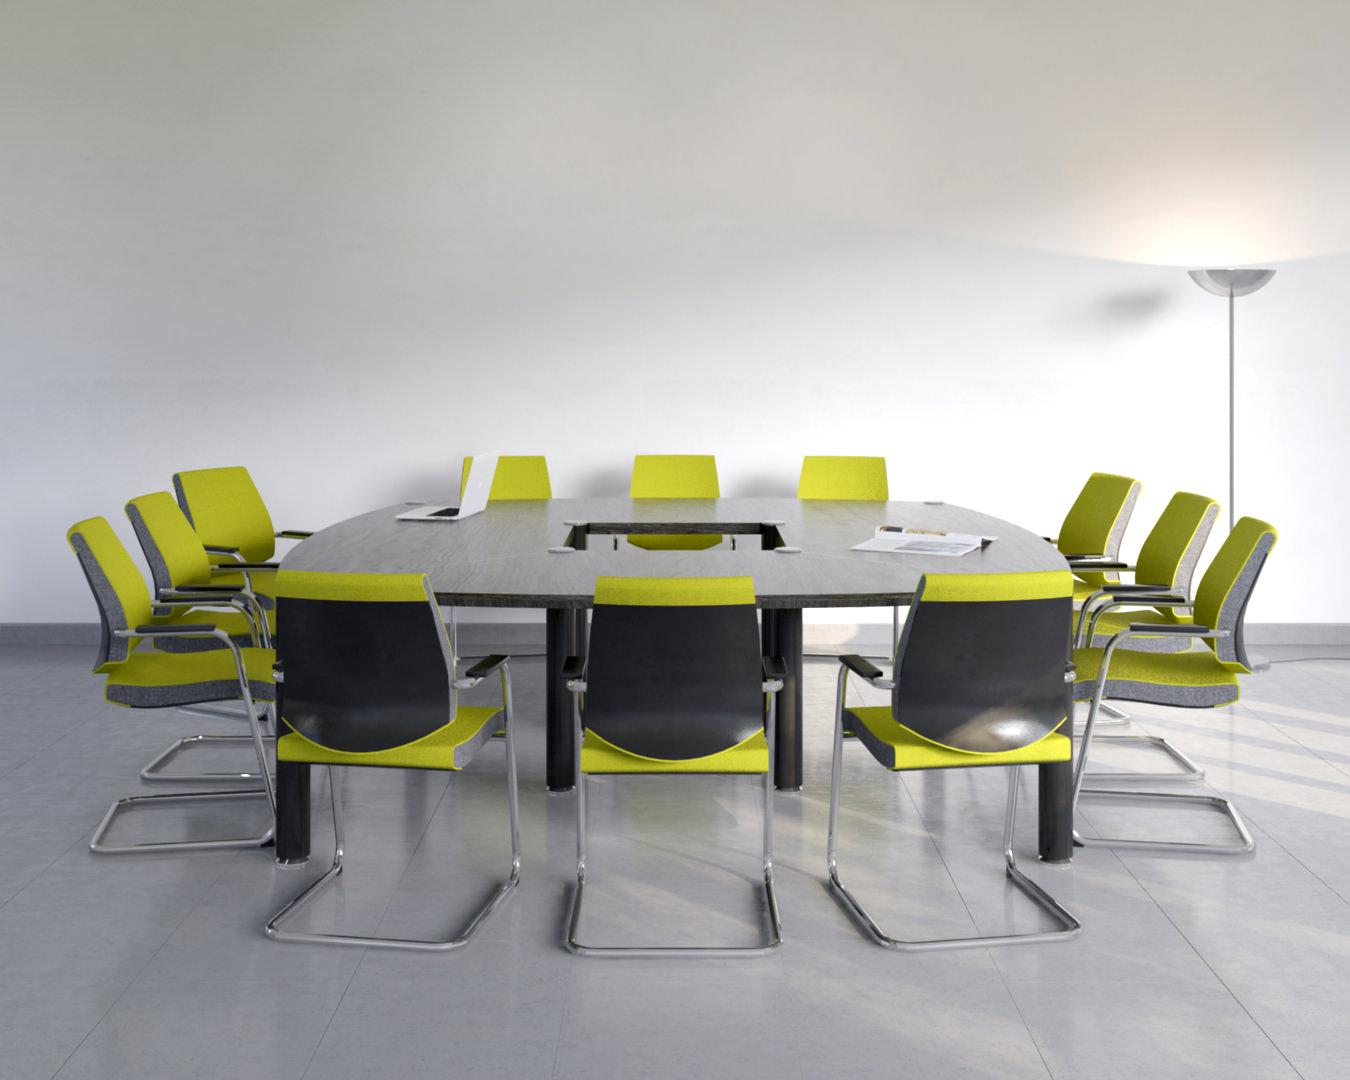 rendu 3D photo réaliste de mobilier de bureau design - table de réunion